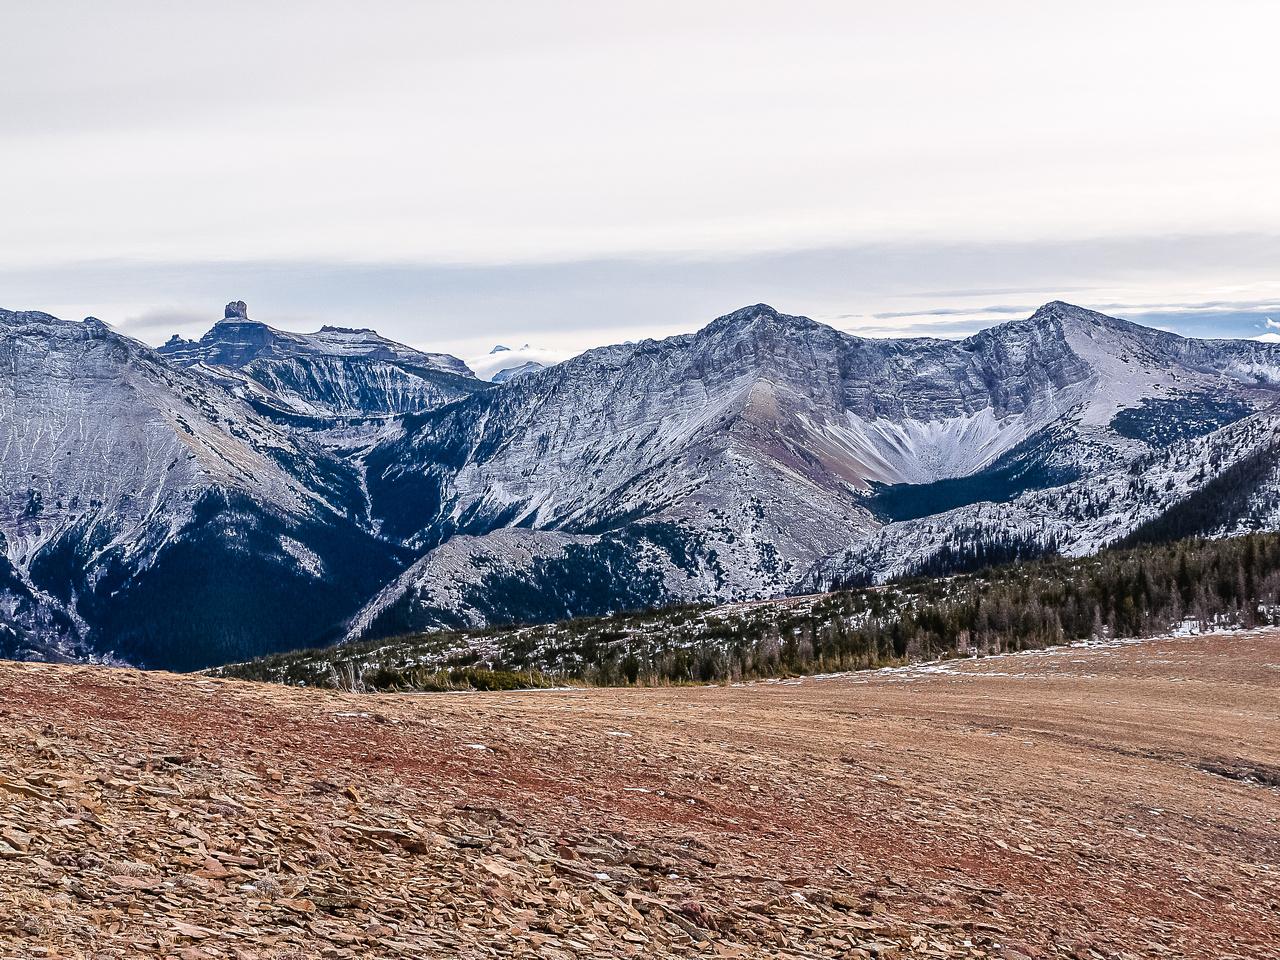 Castle Peak at left, Southfork on the right.